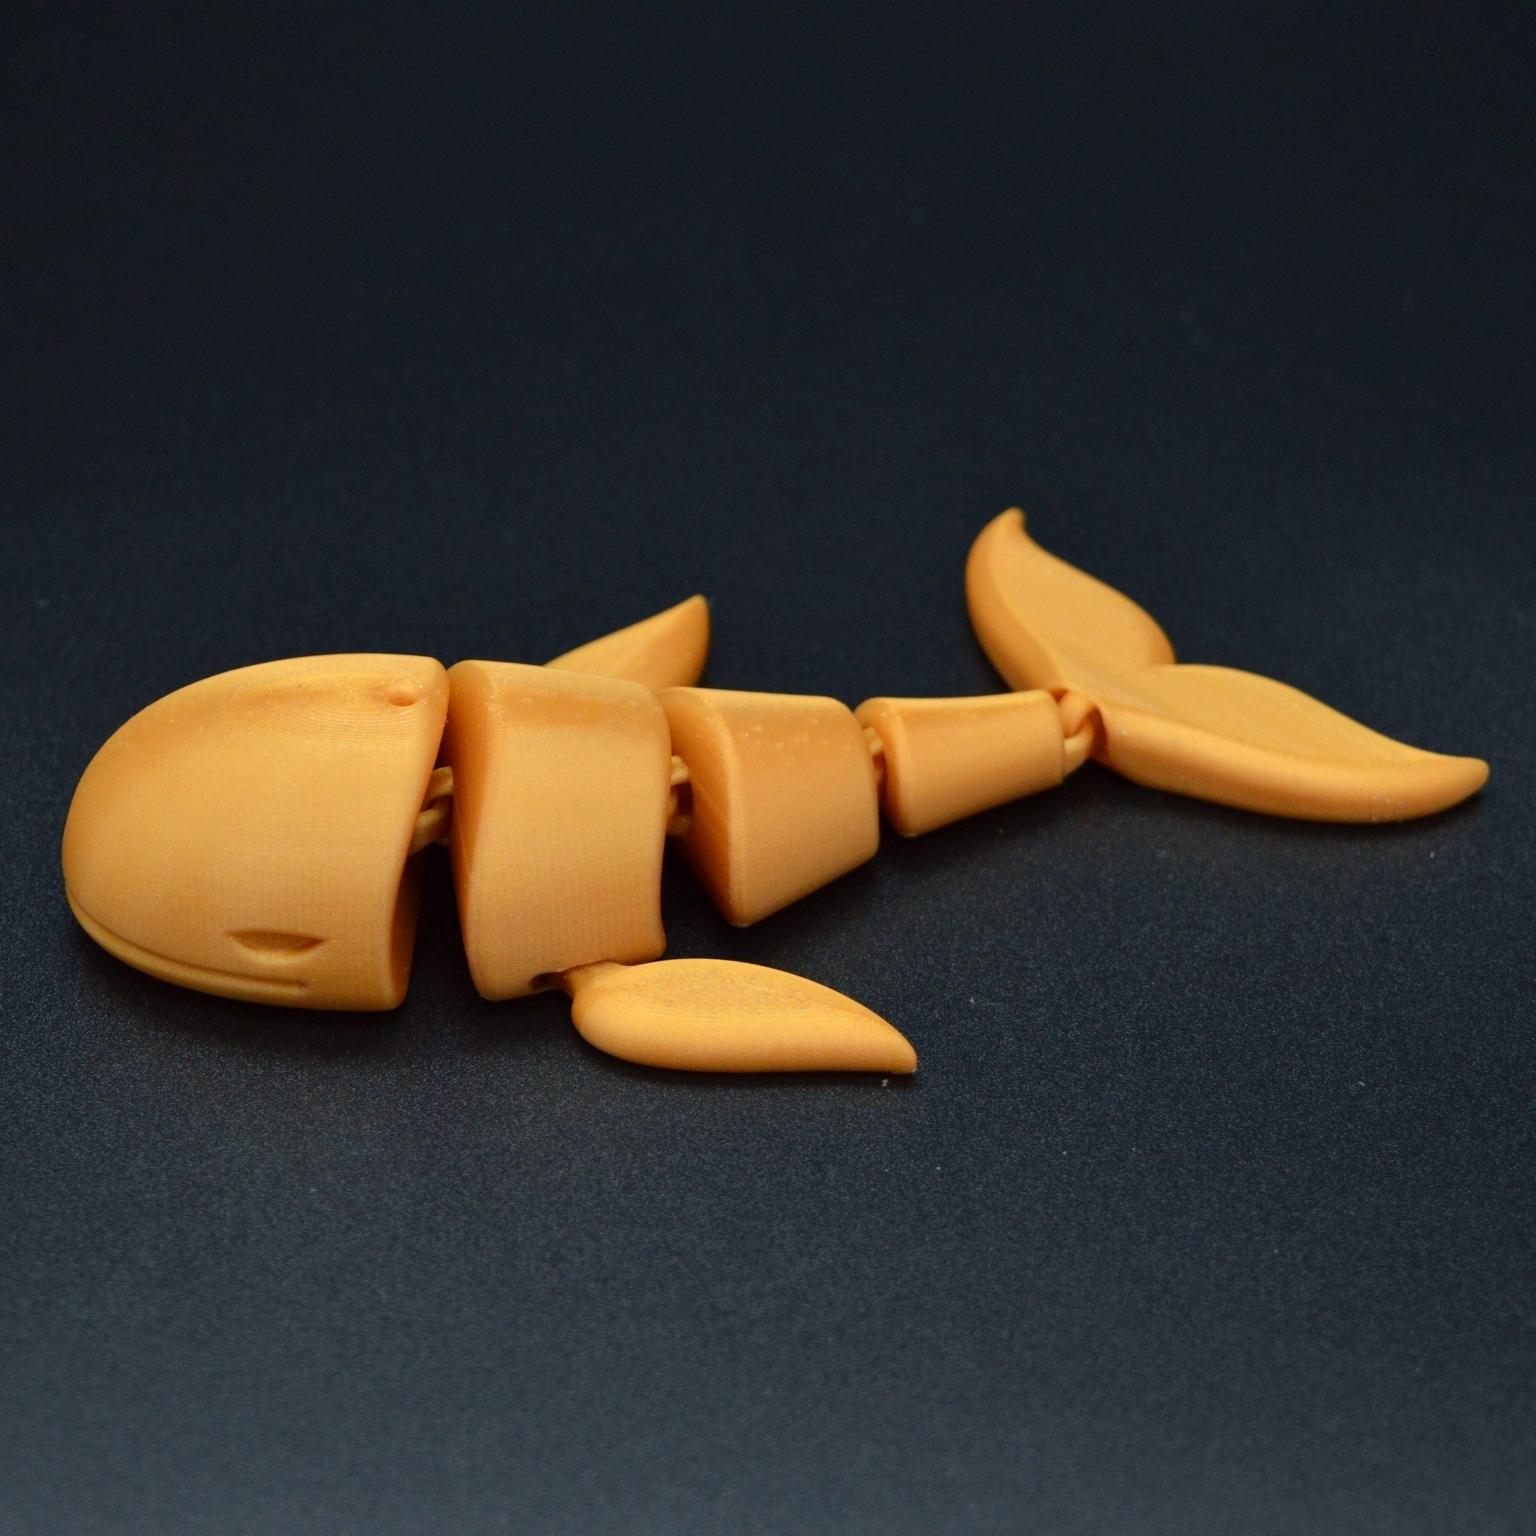 DSC_7624.JPG Download STL file Flexi whale • 3D print design, Hom_3D_lab